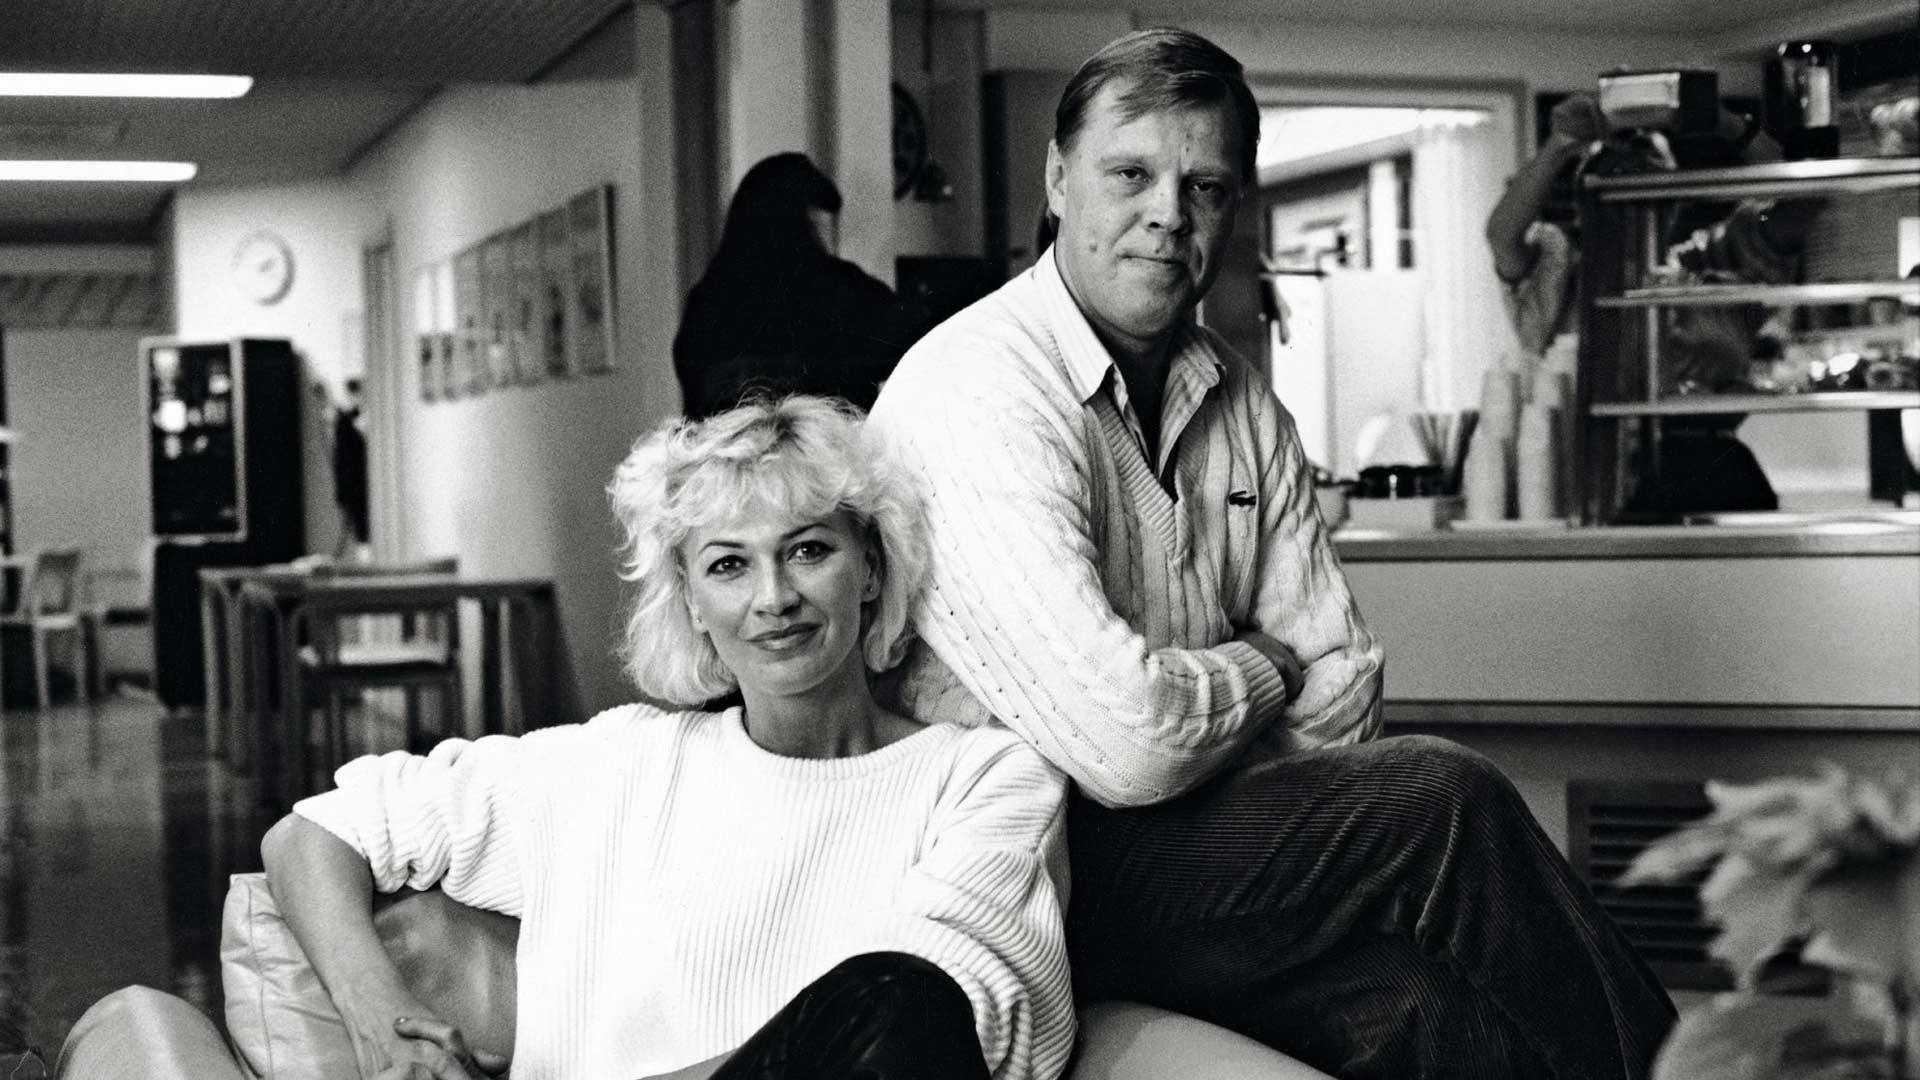 Hannelen ja Vesa-Matti Loirin ystävyys alkoi jo 70-luvulla ja jatkuu yhä. Hannele oli mukana myös vuonna 1988 alkaneessa Vesku Showssa, jolla parhaimmillaan oli 1,6 miljoonaa katsojaa.